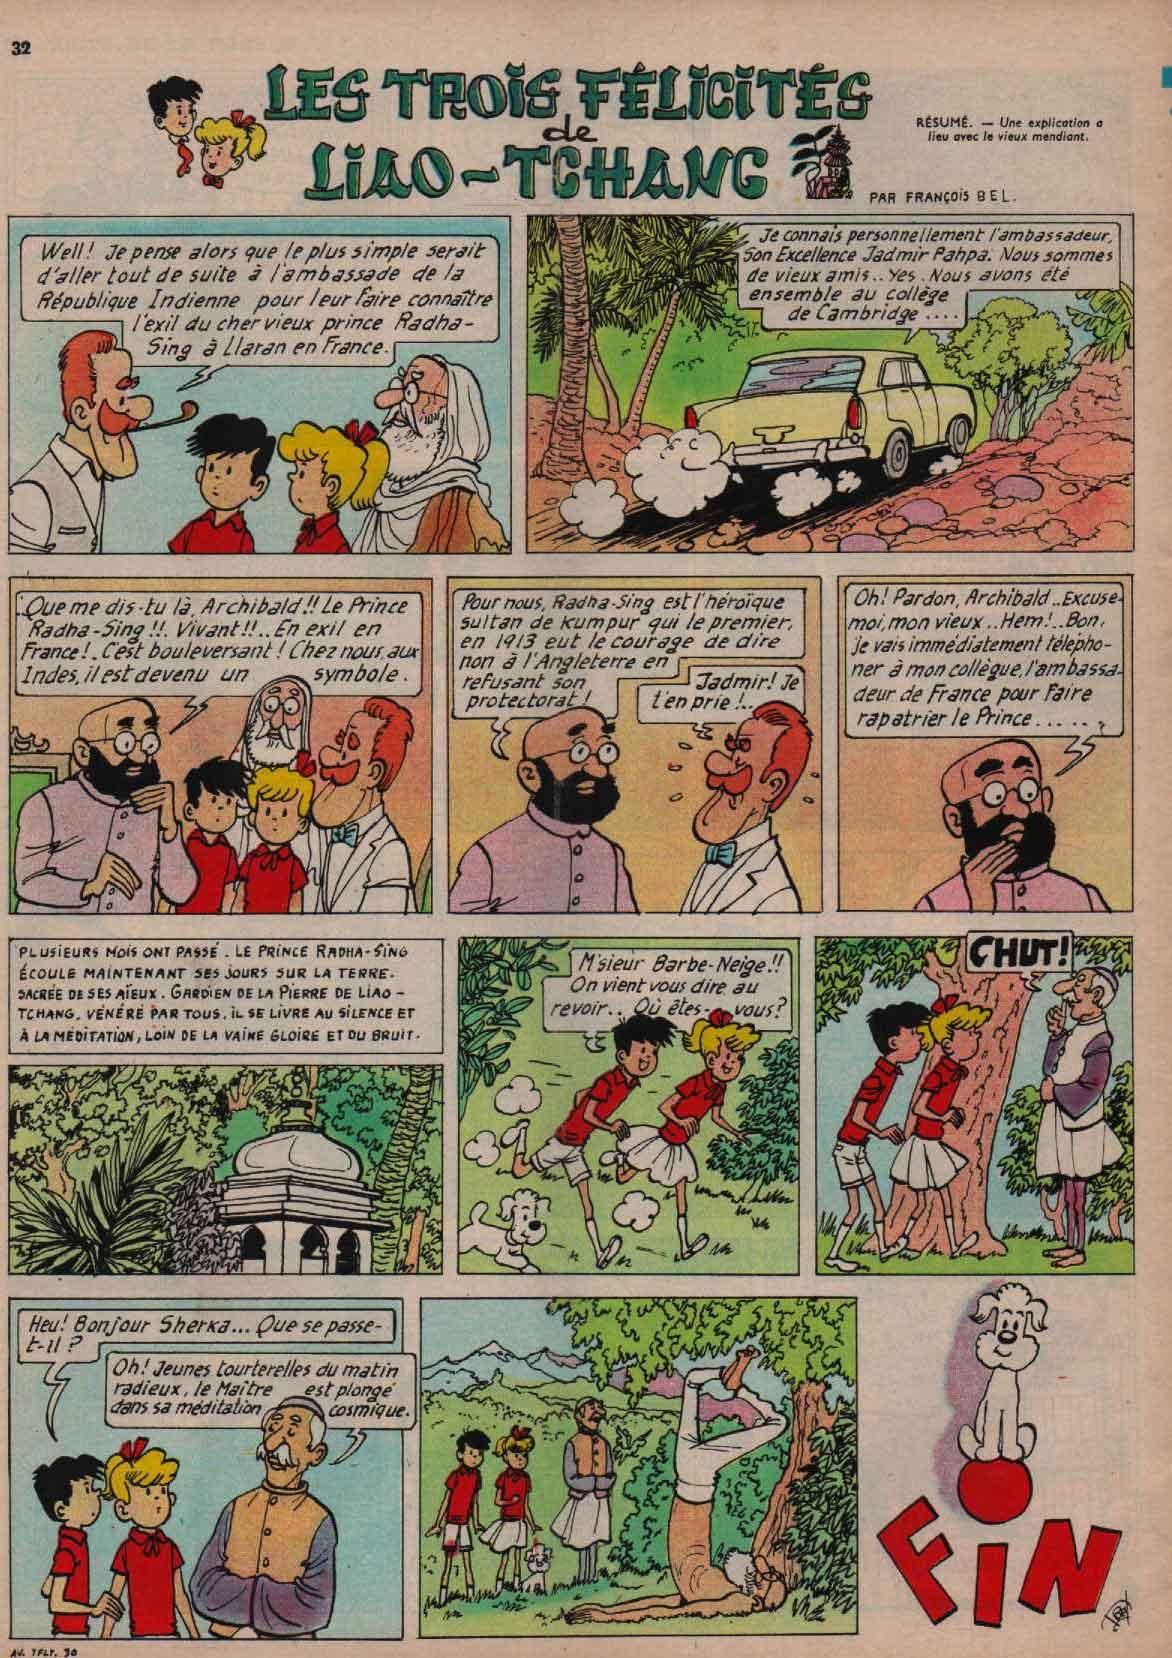 «Pat et Moune: Les Trois Félicités de Liâo-Tchang» : J2 magazine n°9 (27/02/1964).